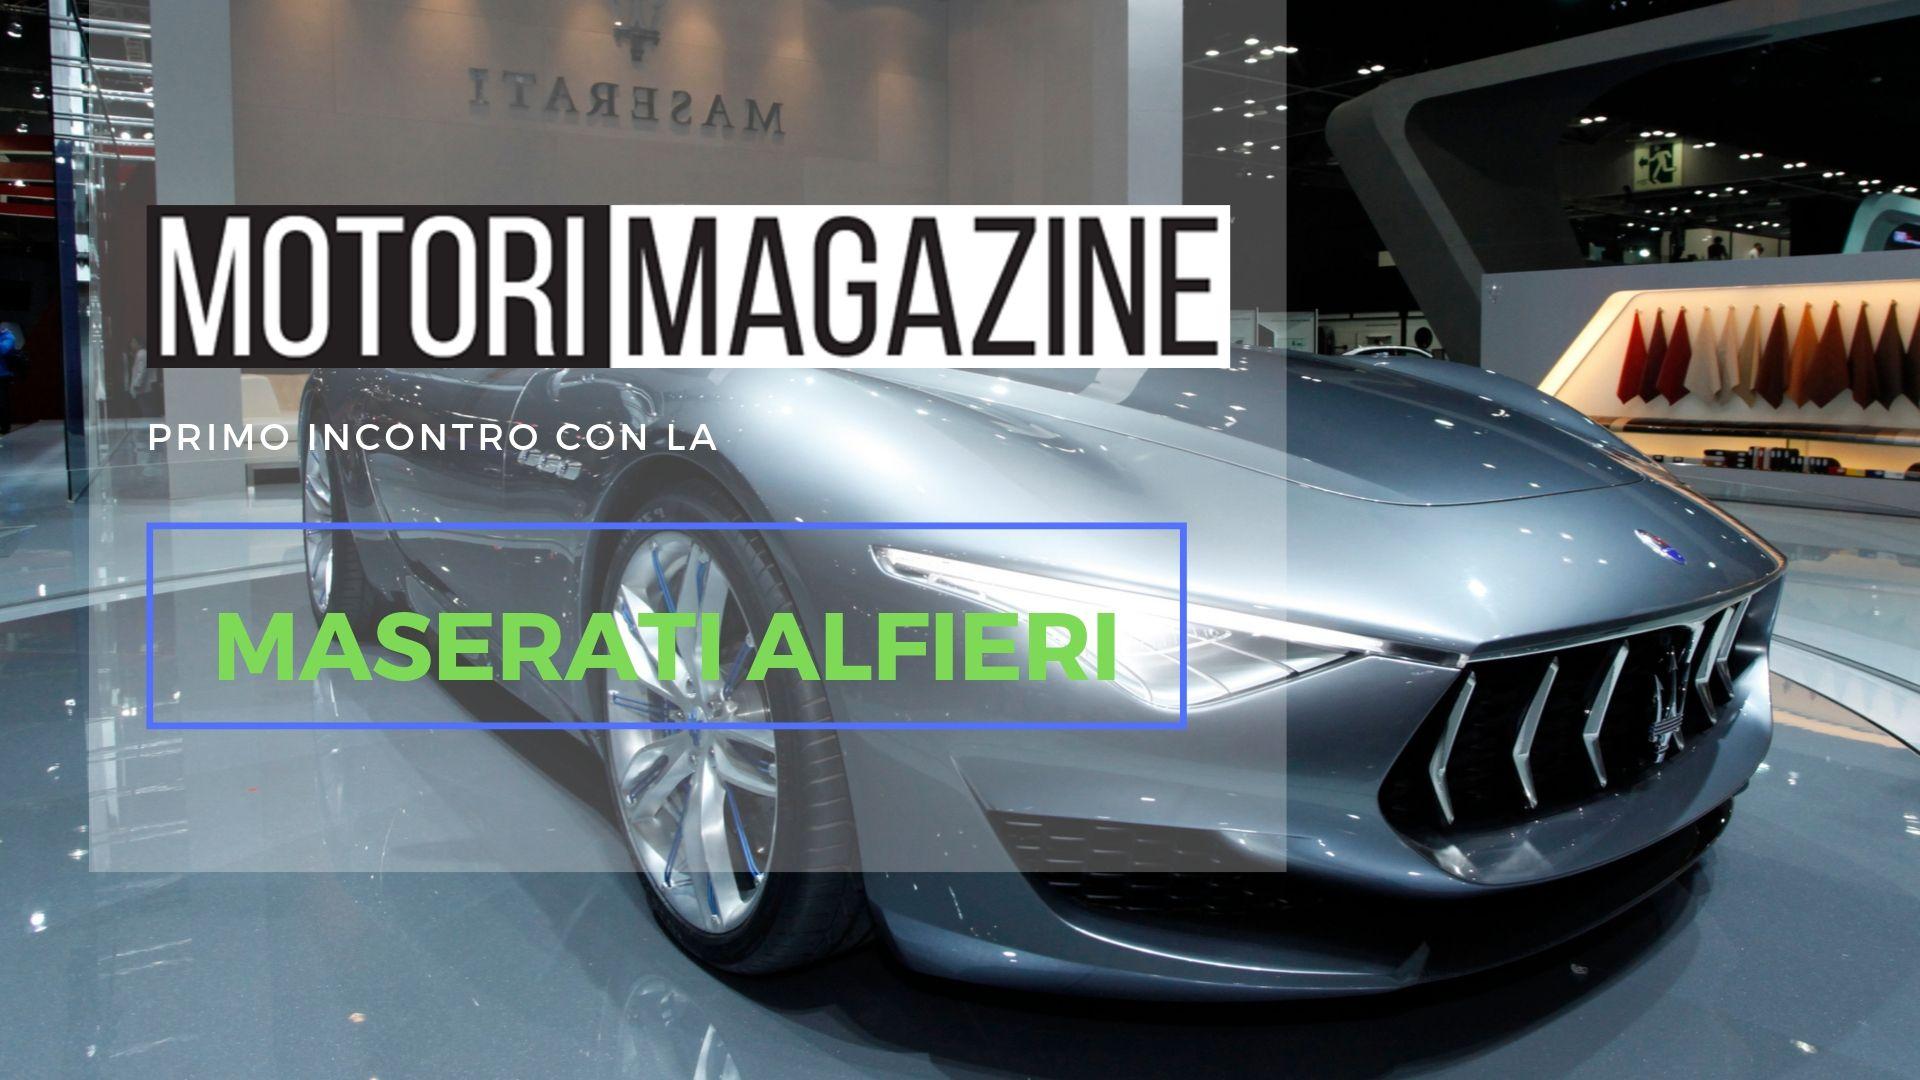 Come cambiare lampadine interni Fiat Panda | Motori Magazine